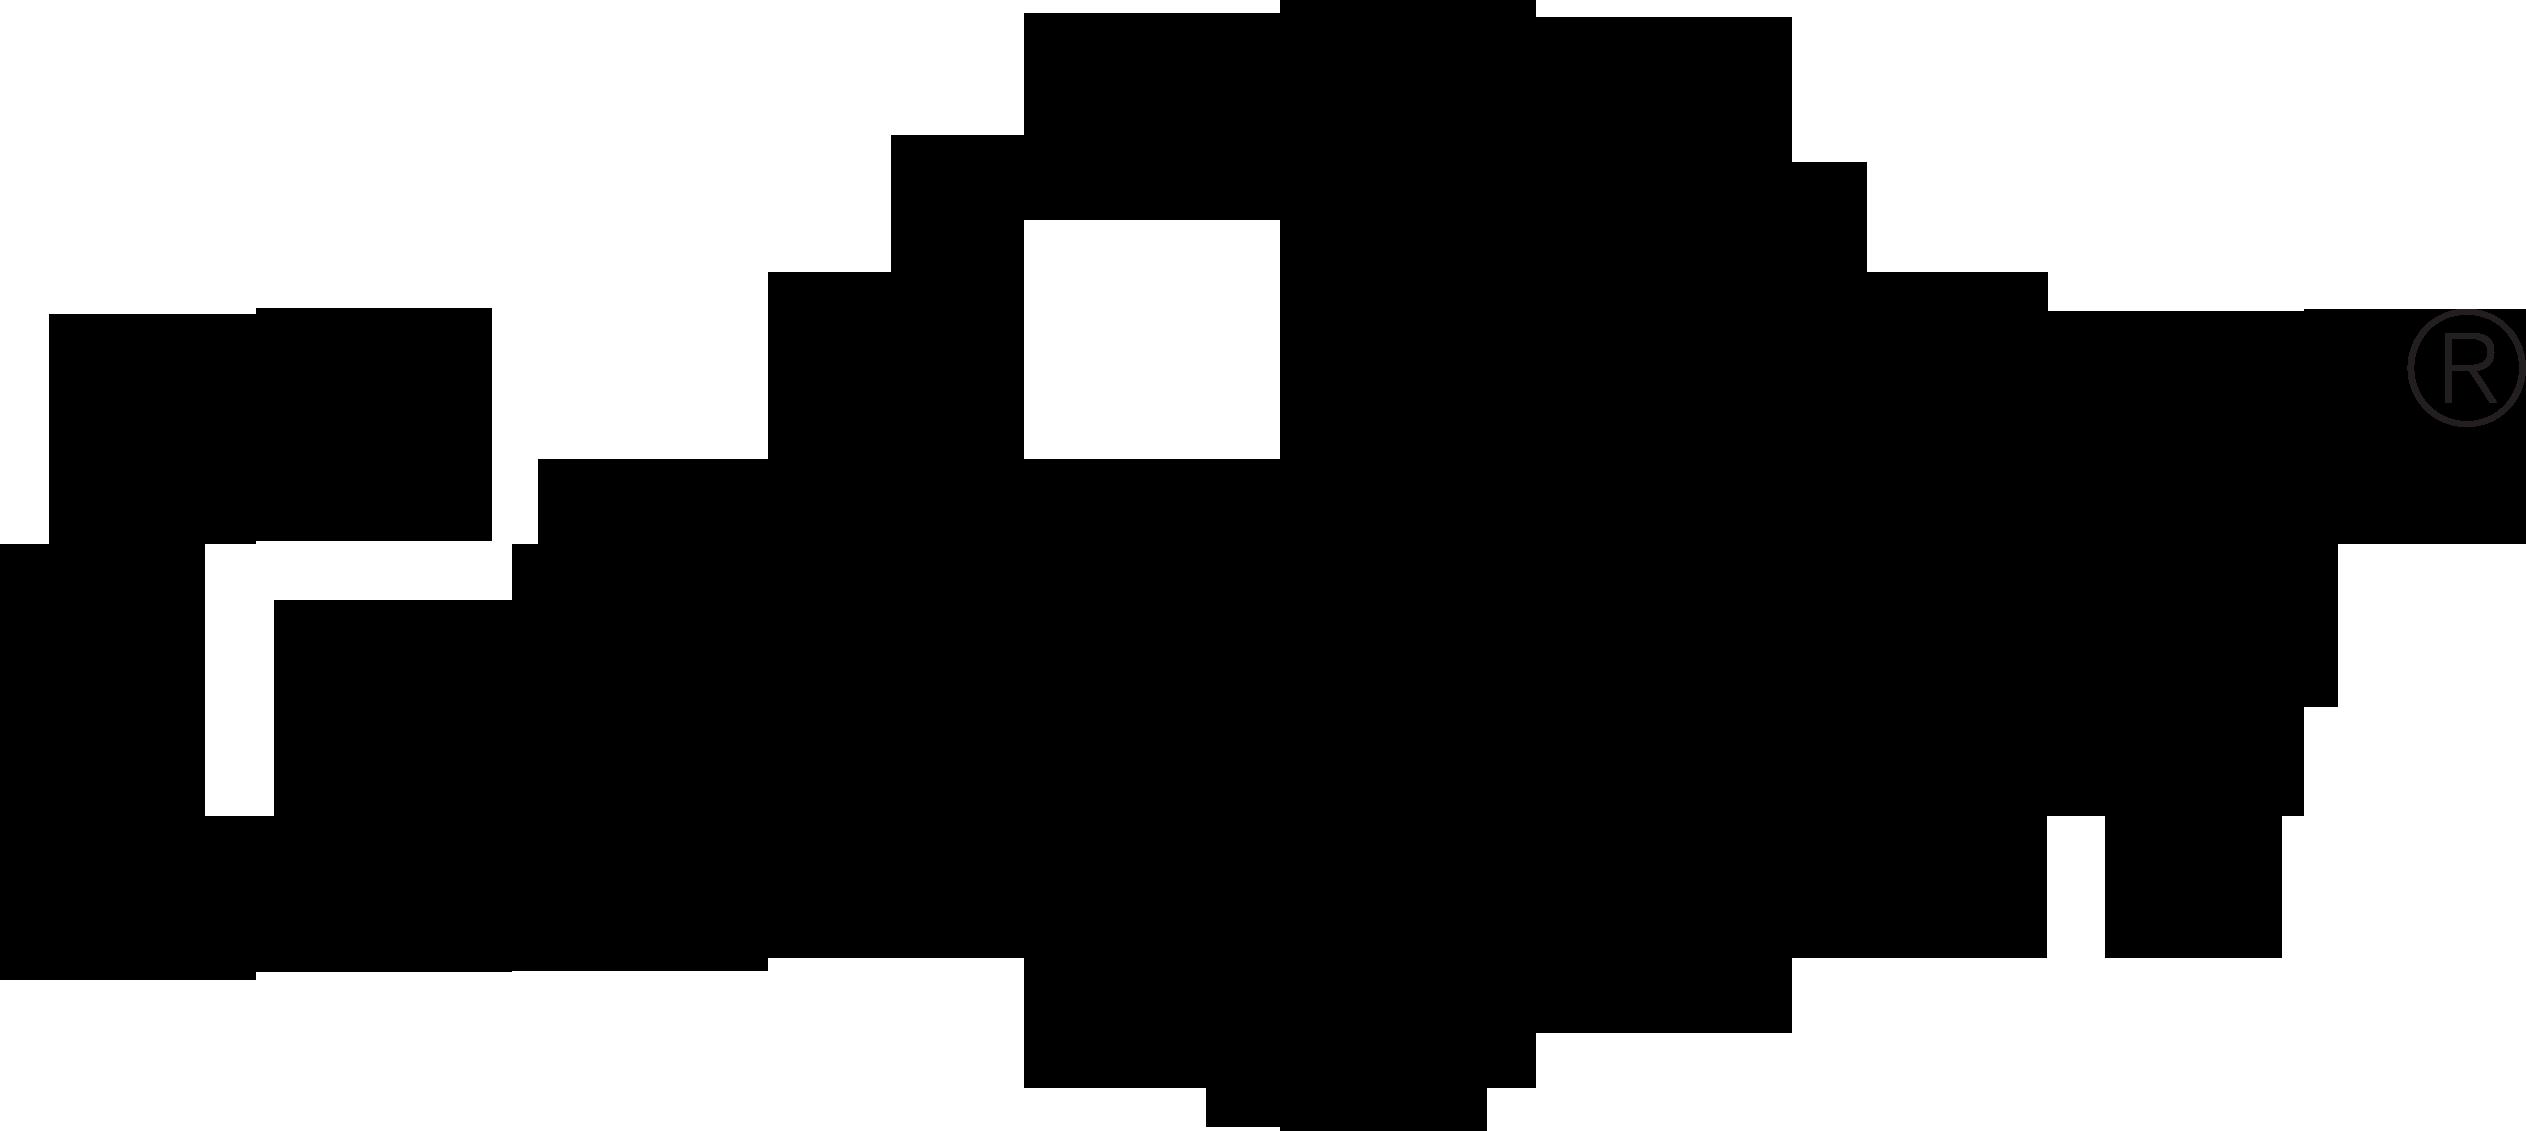 Cargill Black copy